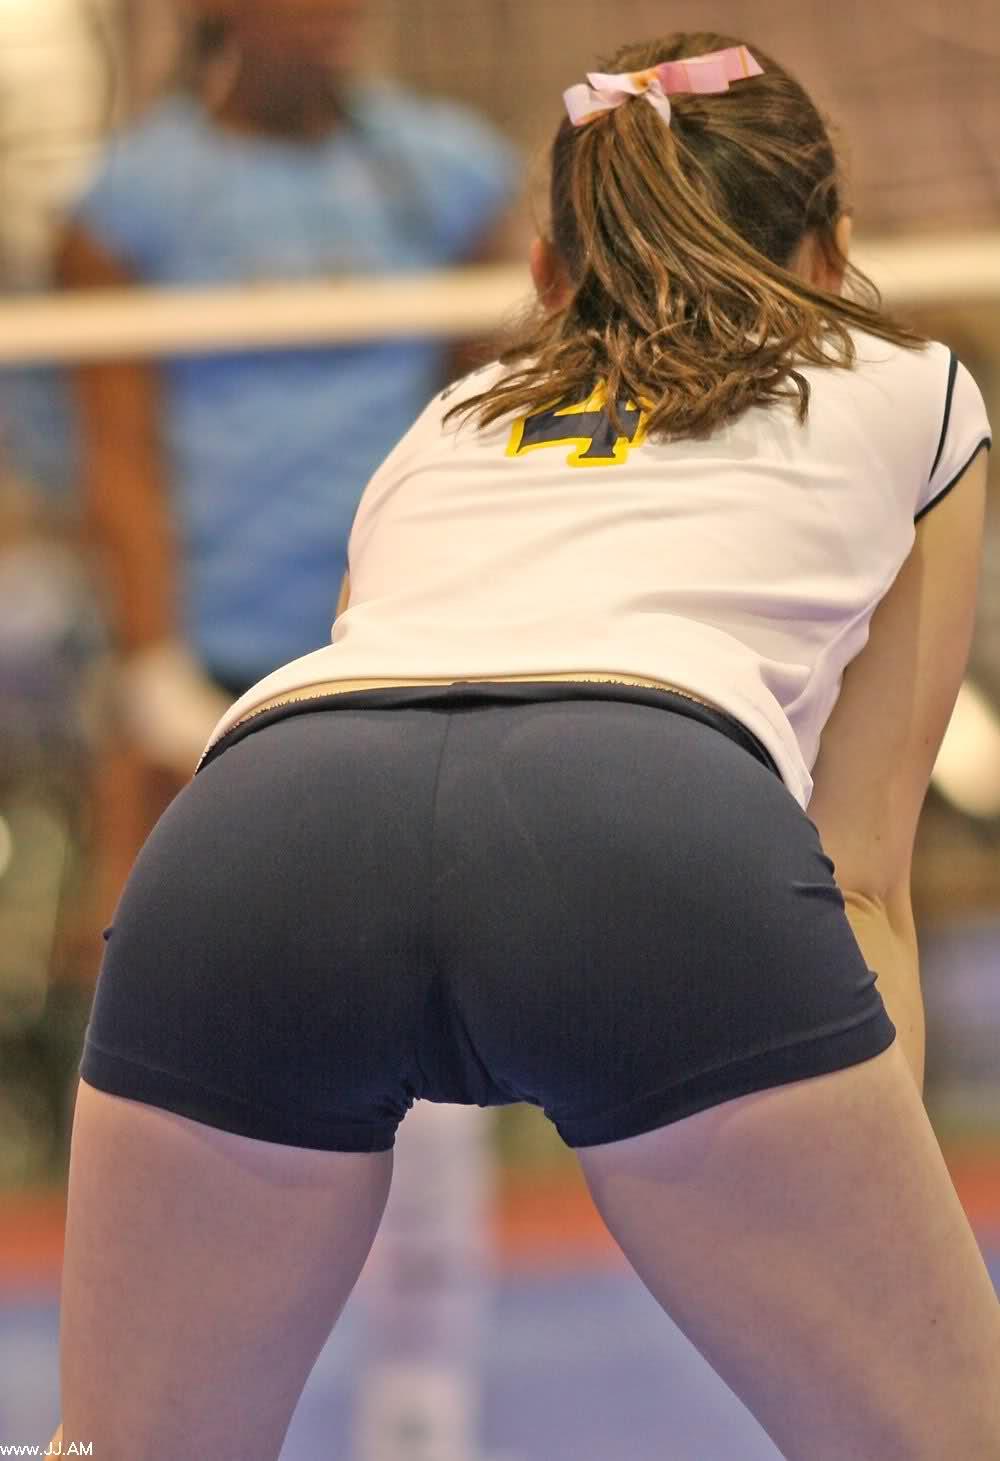 Фото попки волейболисток 0 фотография